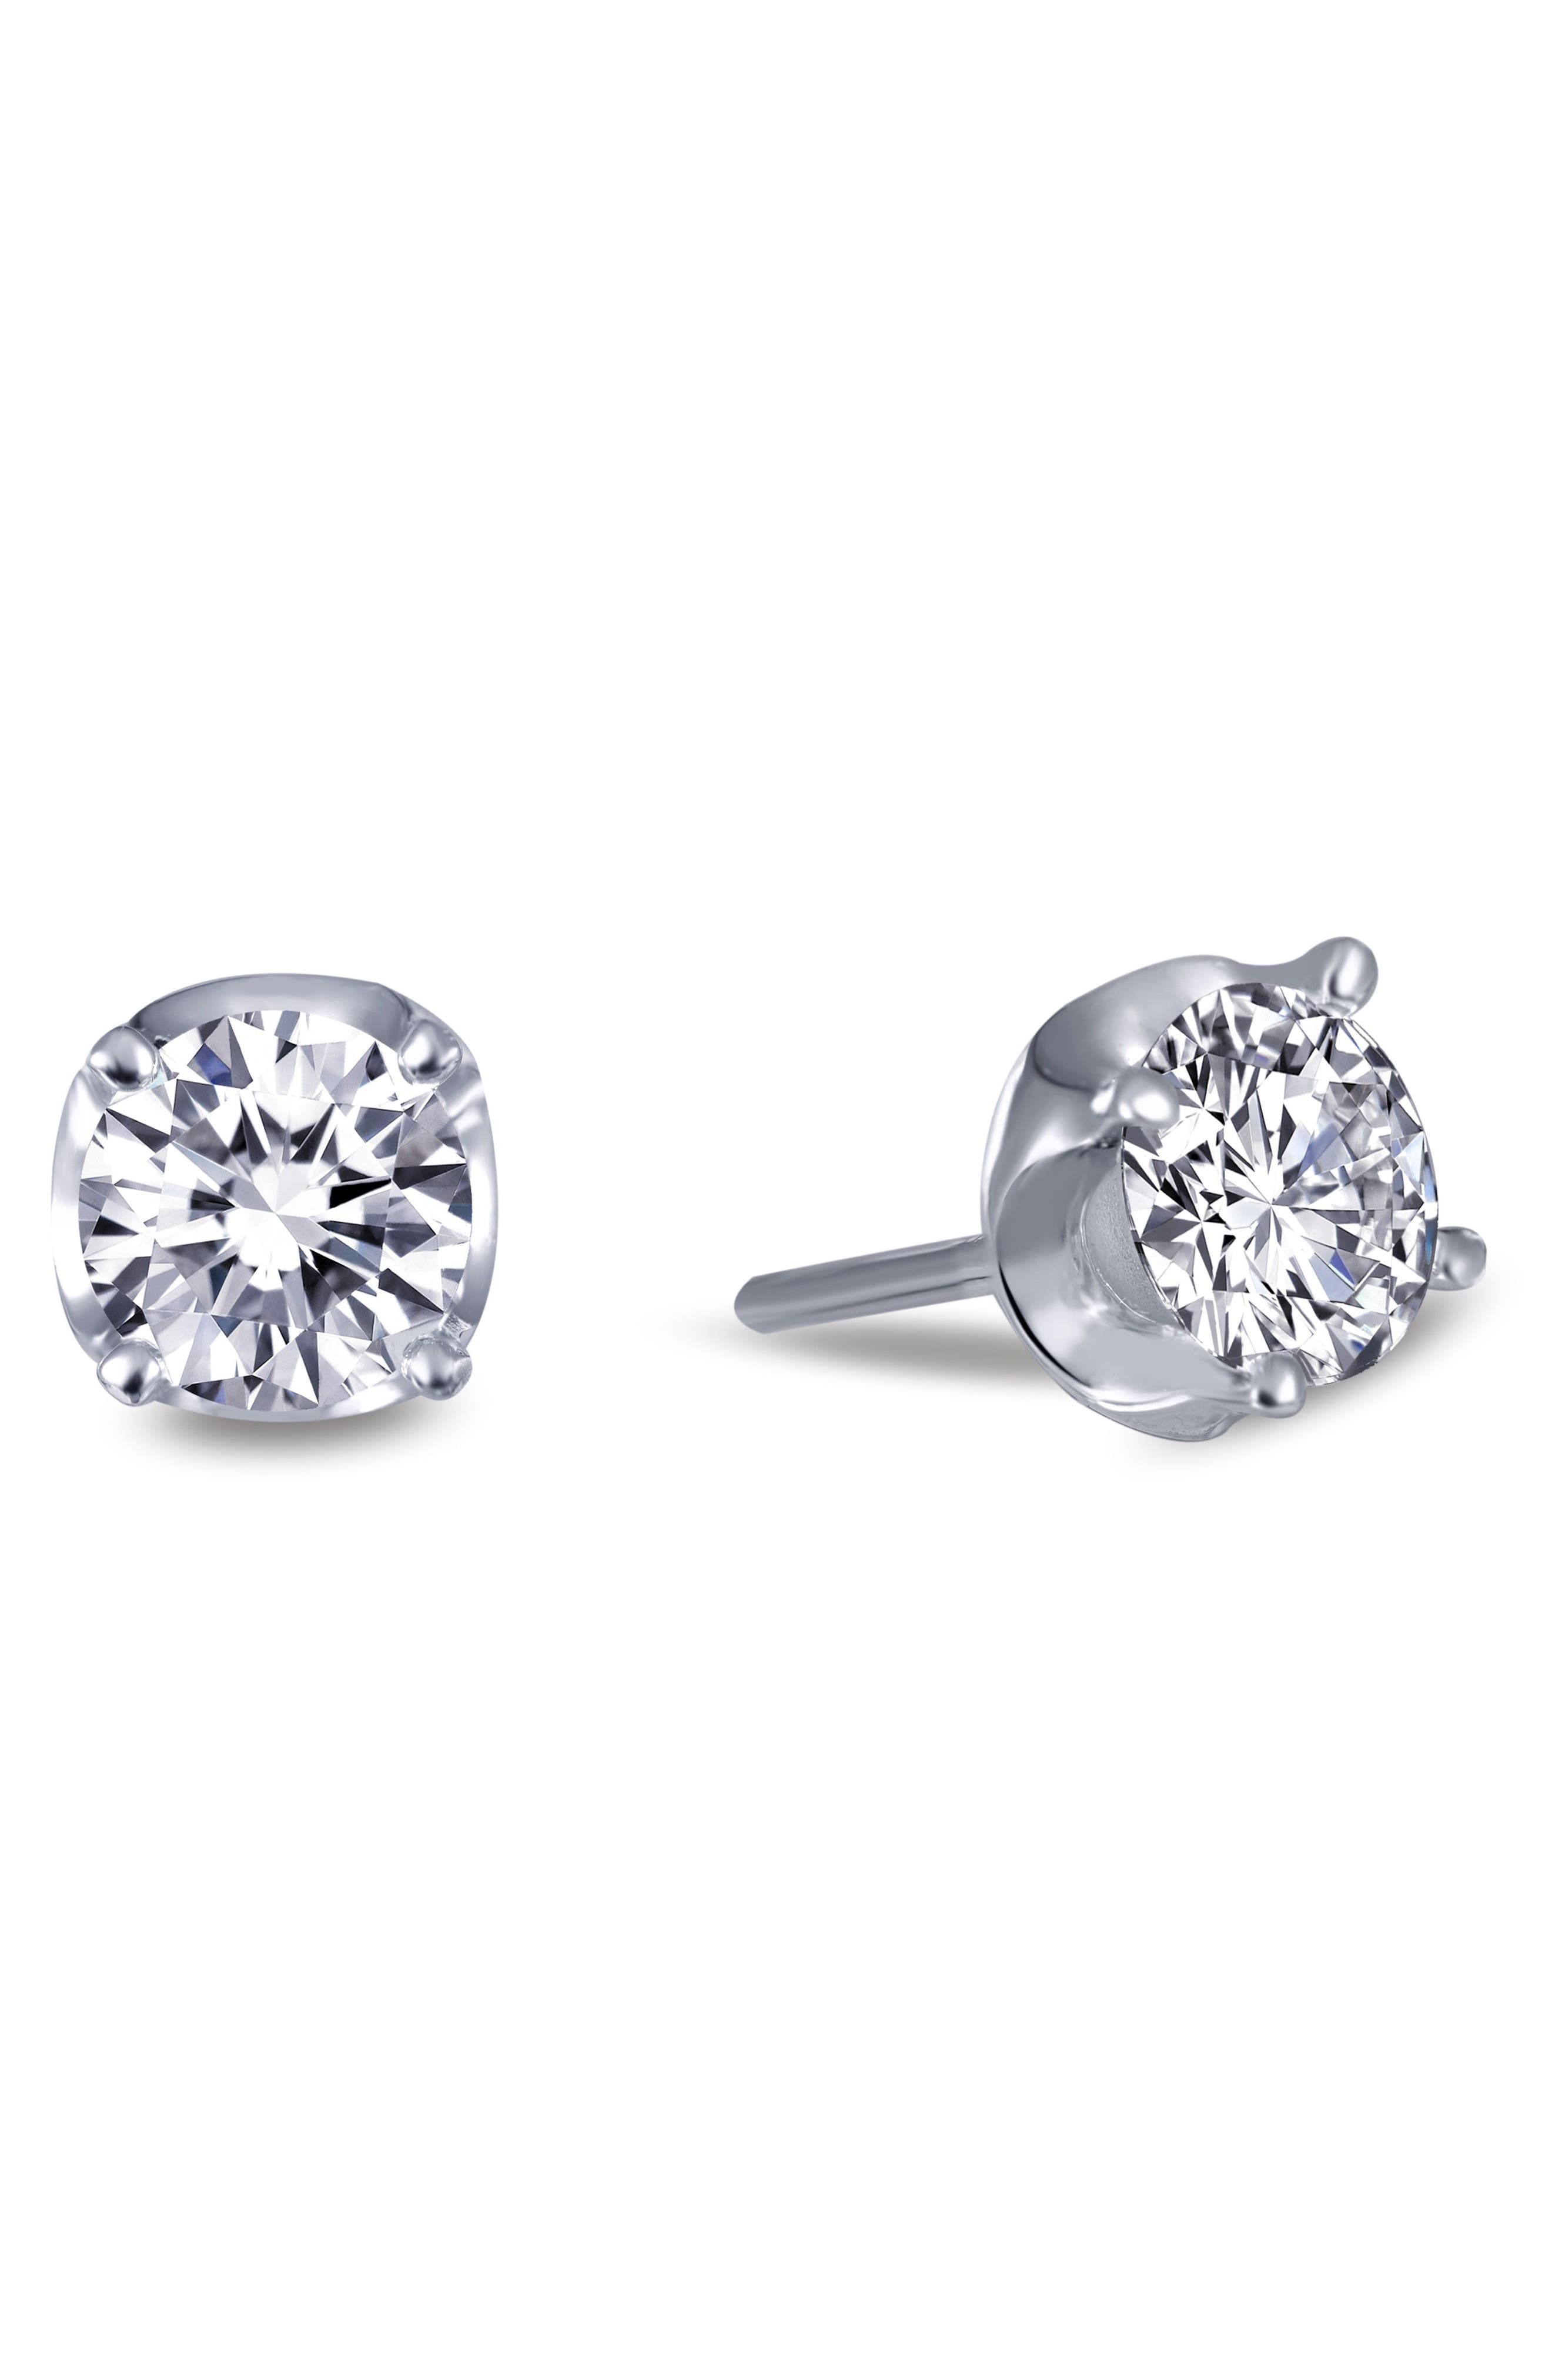 Simulated Diamond Stud Earrings,                             Alternate thumbnail 3, color,